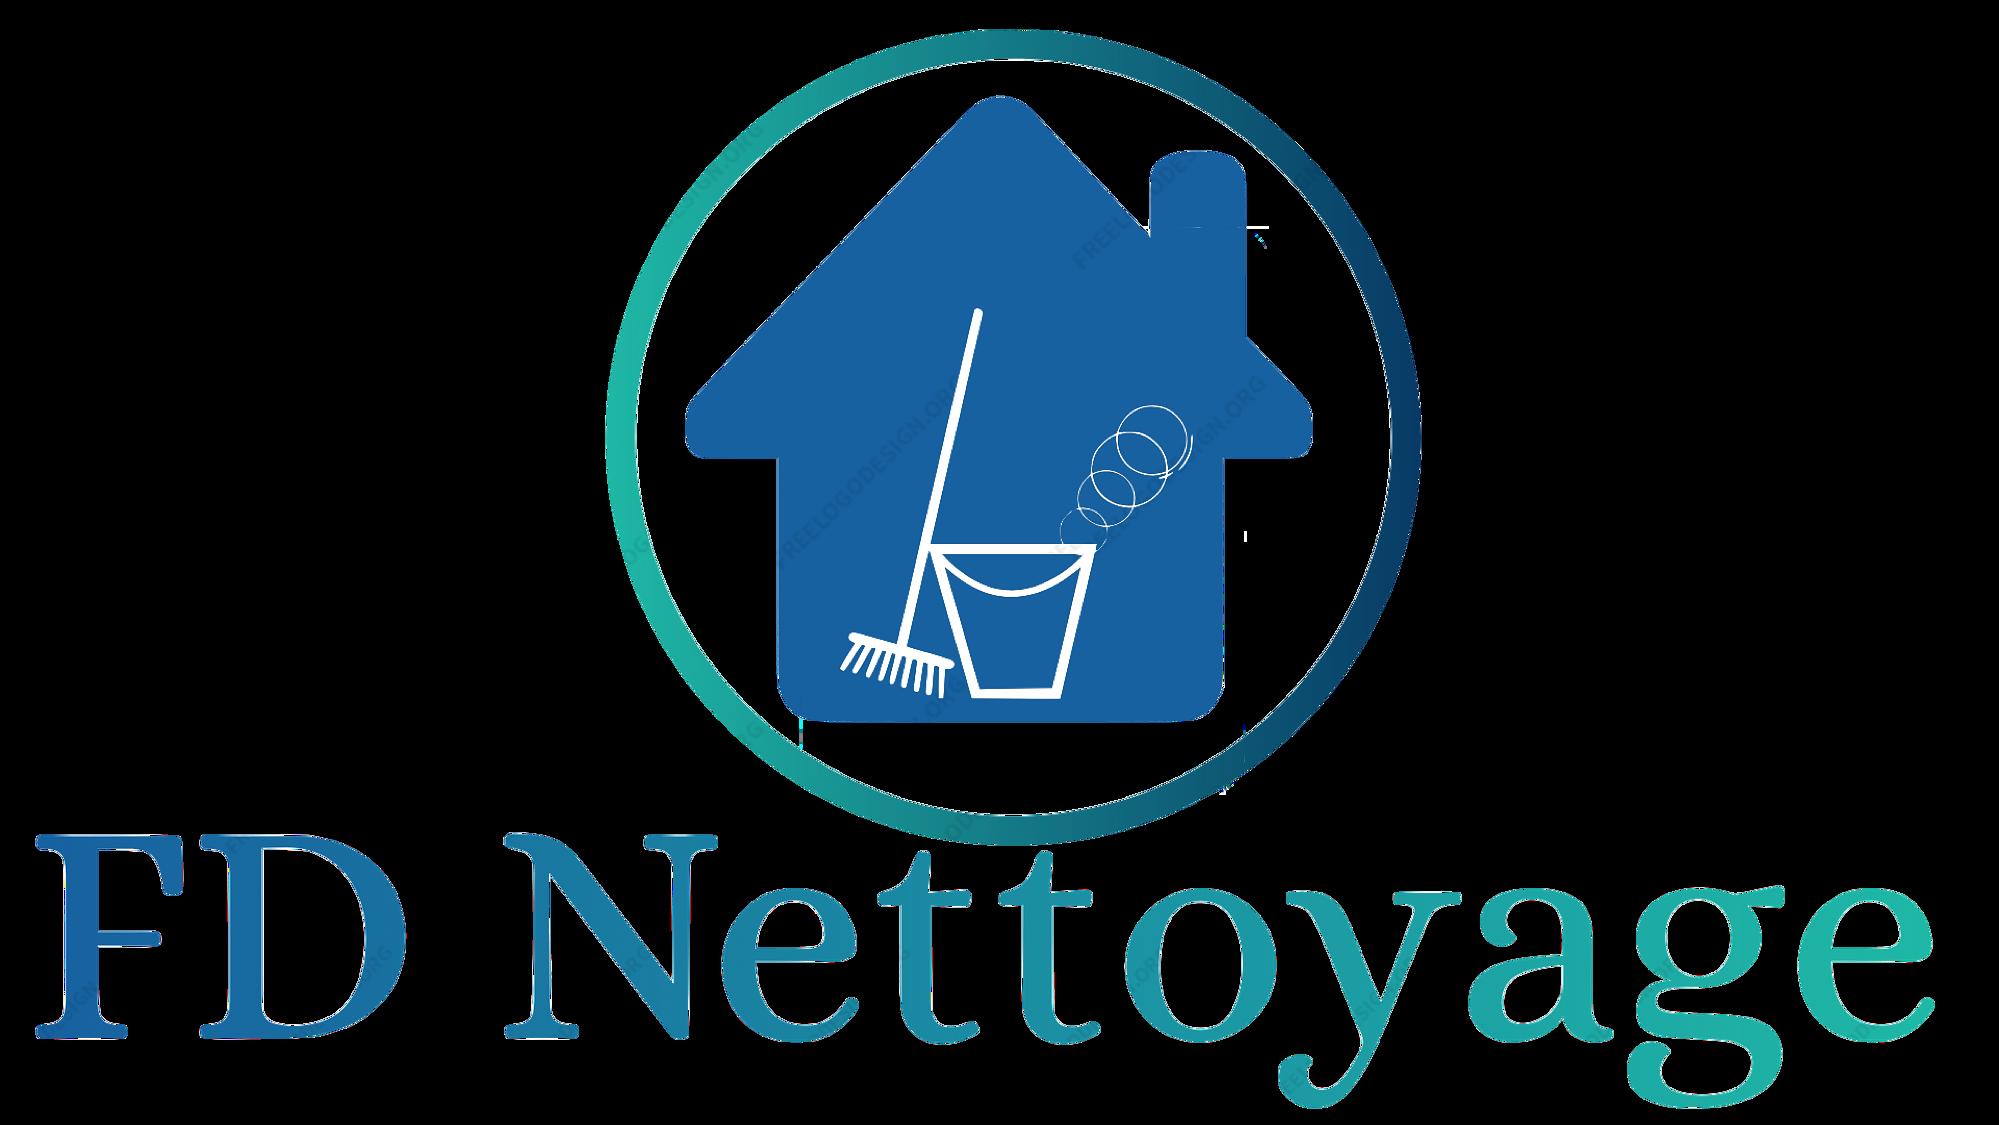 FD Nettoyage